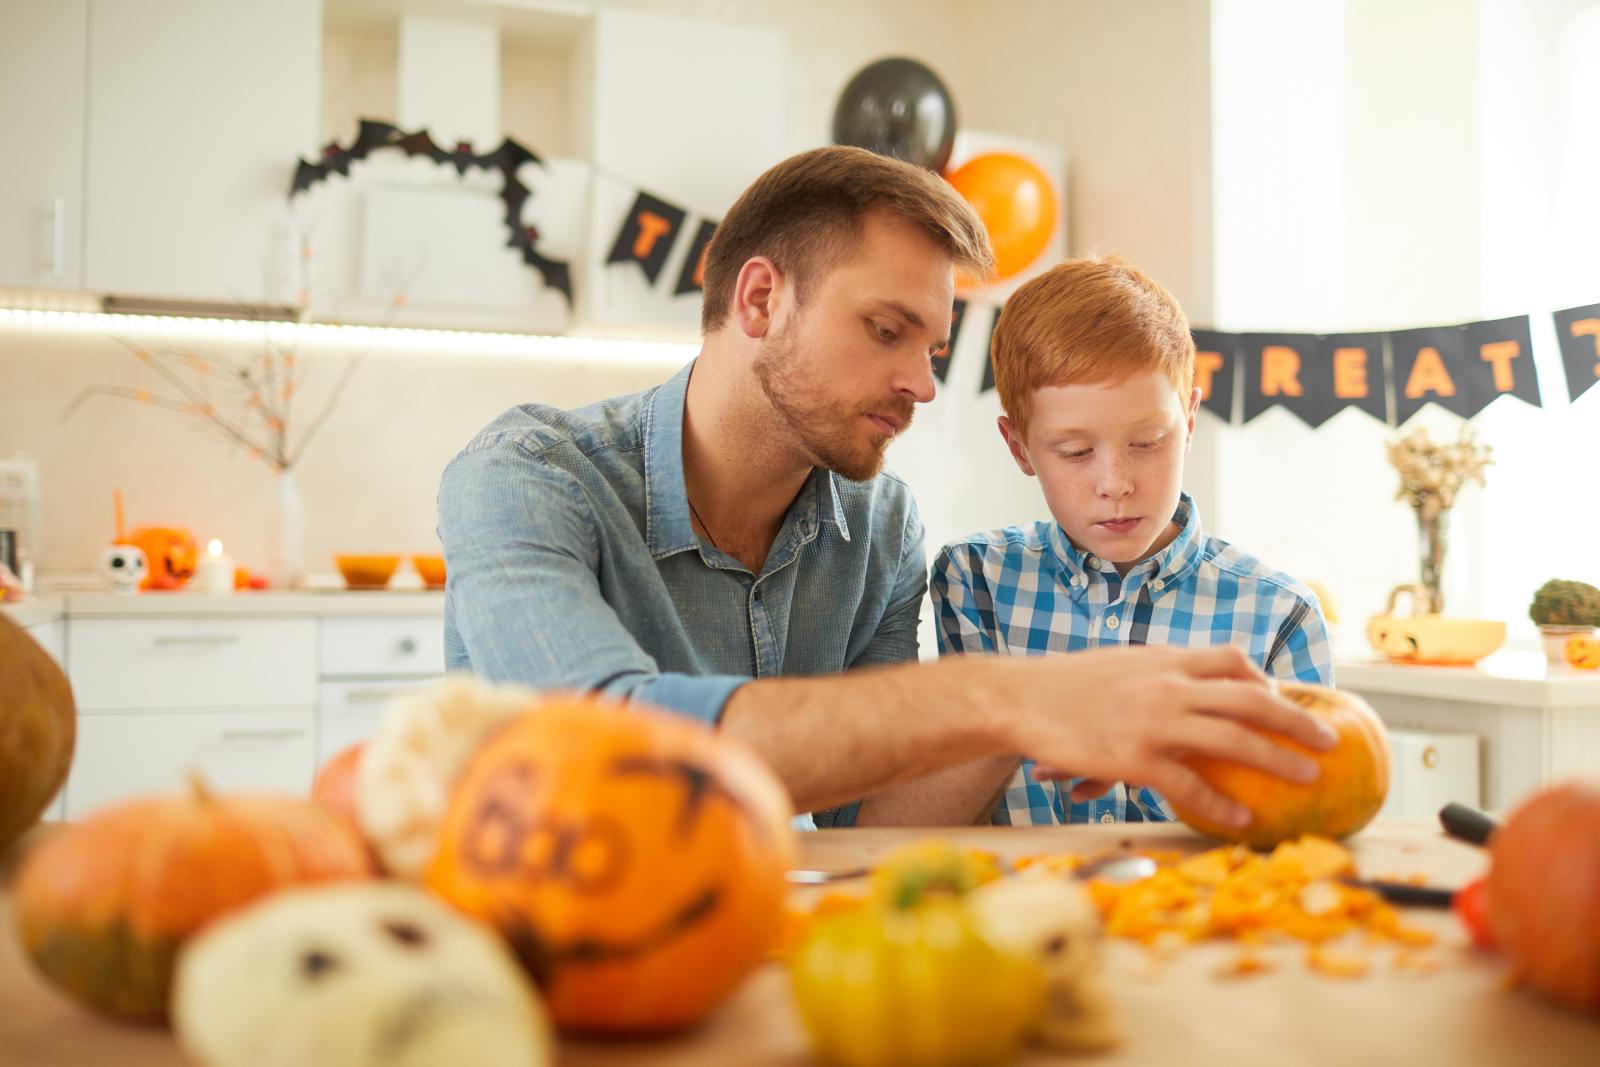 パパと息子がハロウィン料理をつくる